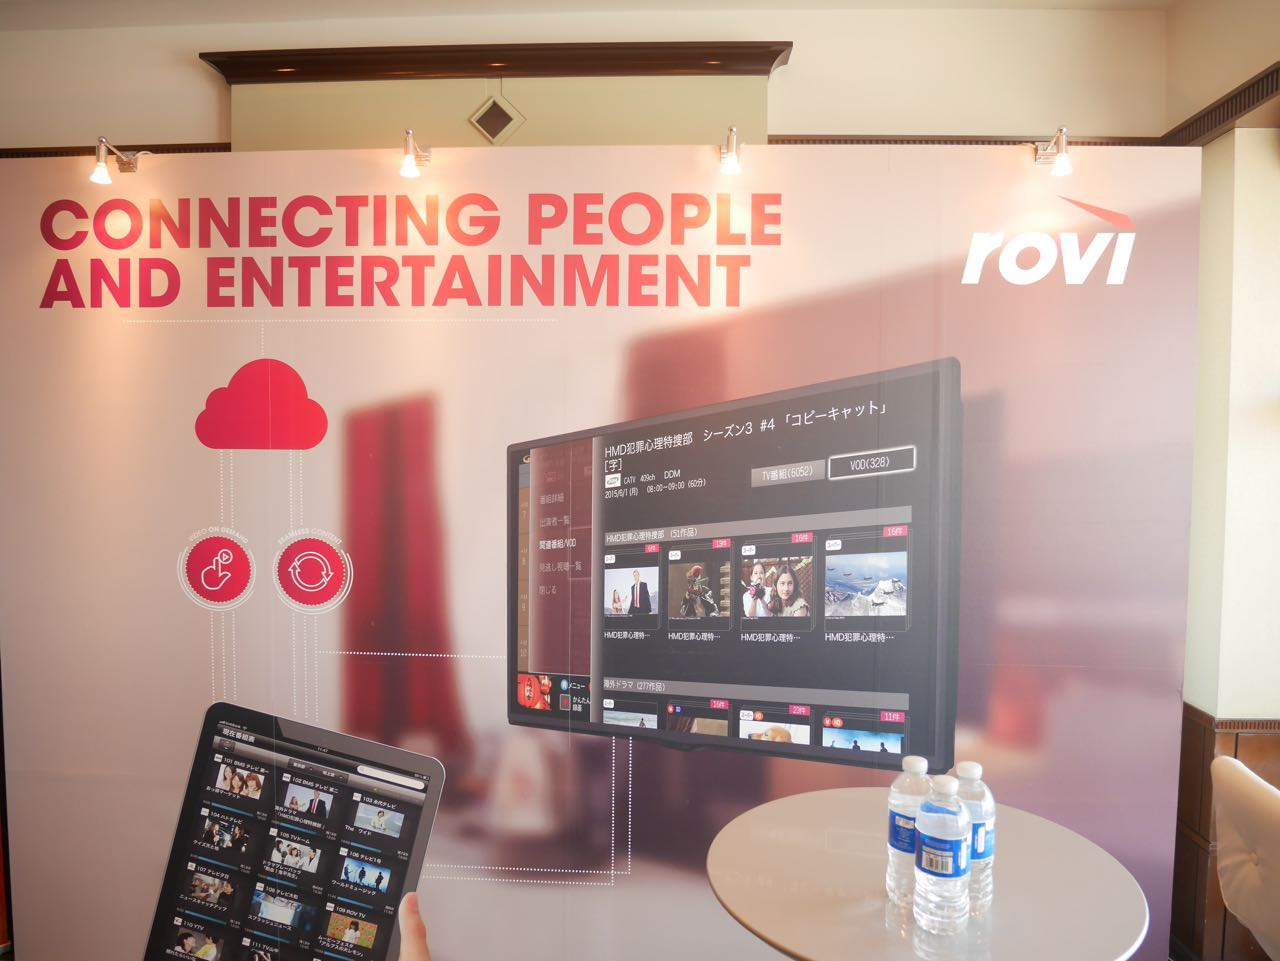 Roviの展示に見る、これからのテレビに必要なこと